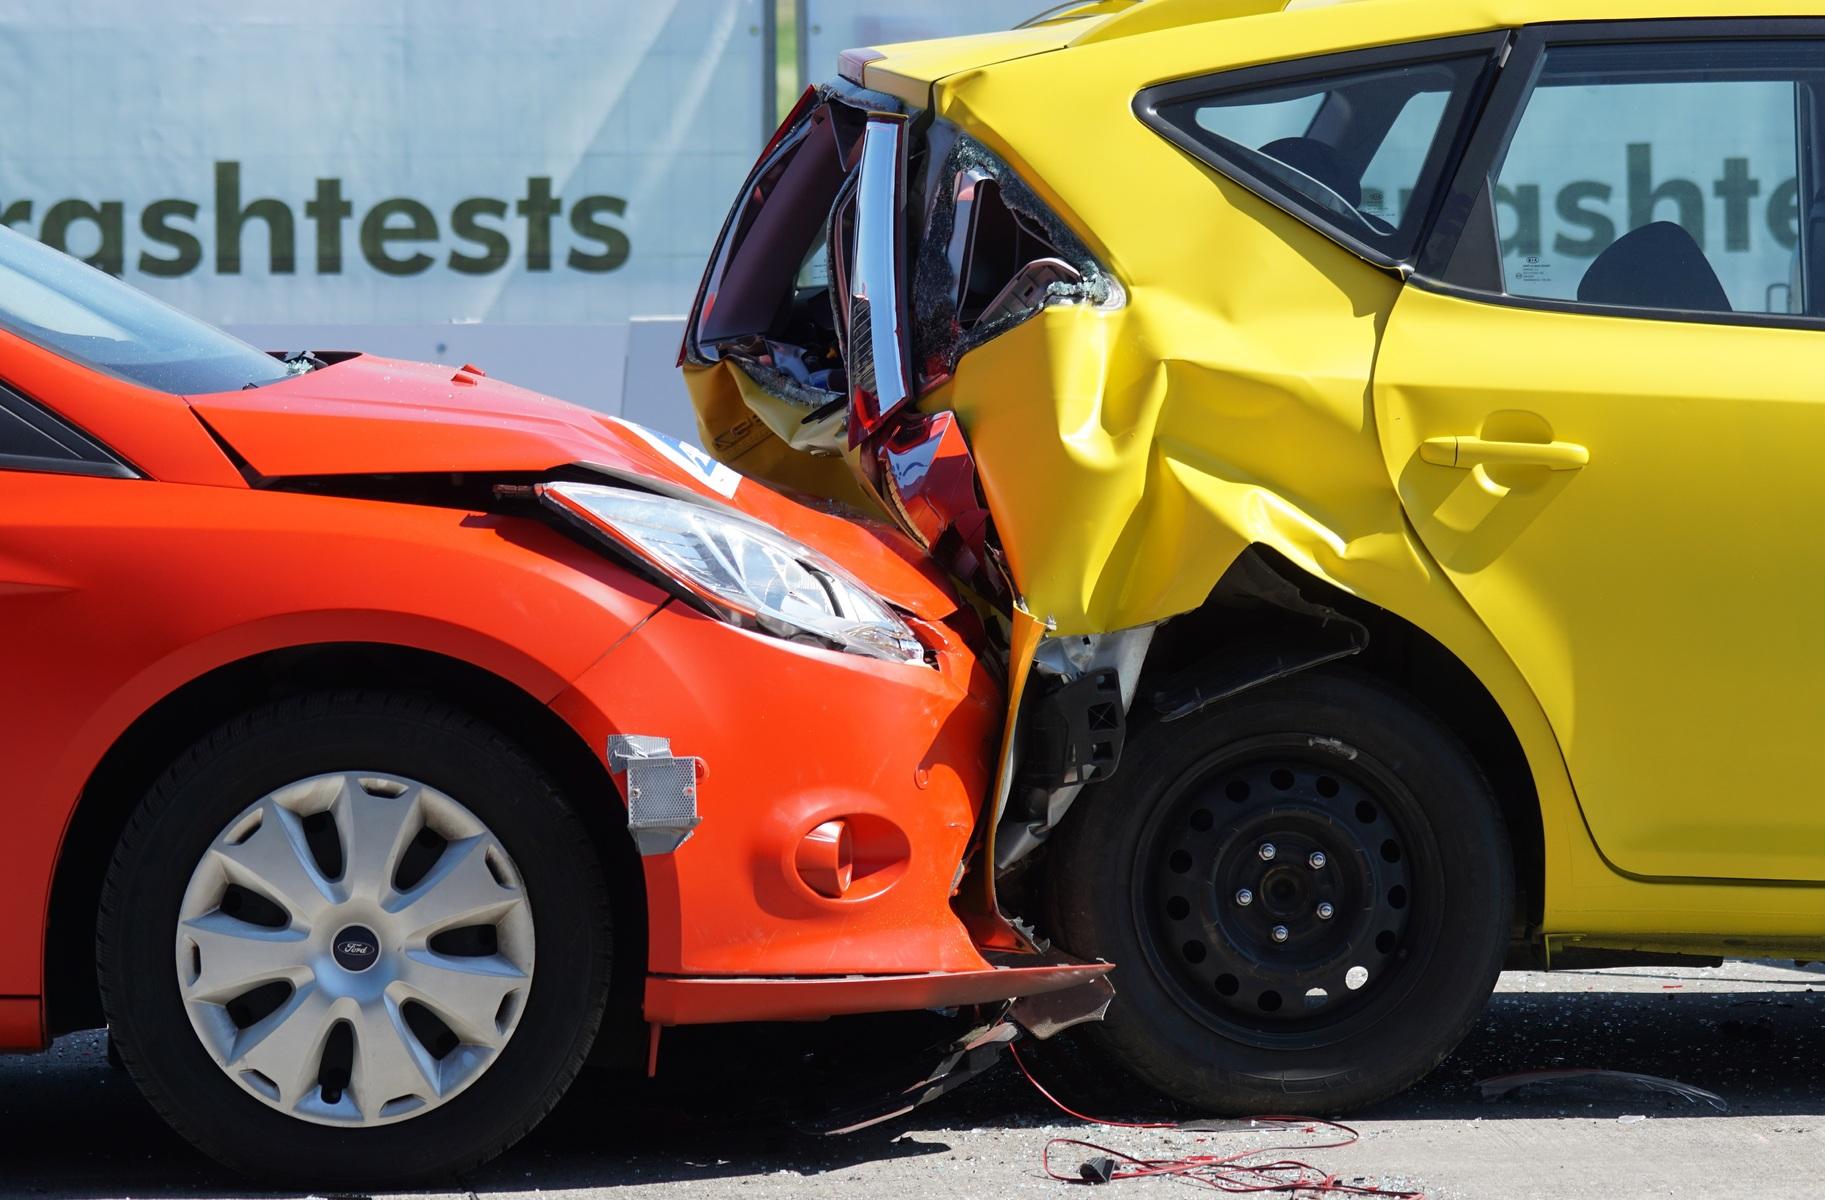 verkeersongeval auto arnhem nijmegen